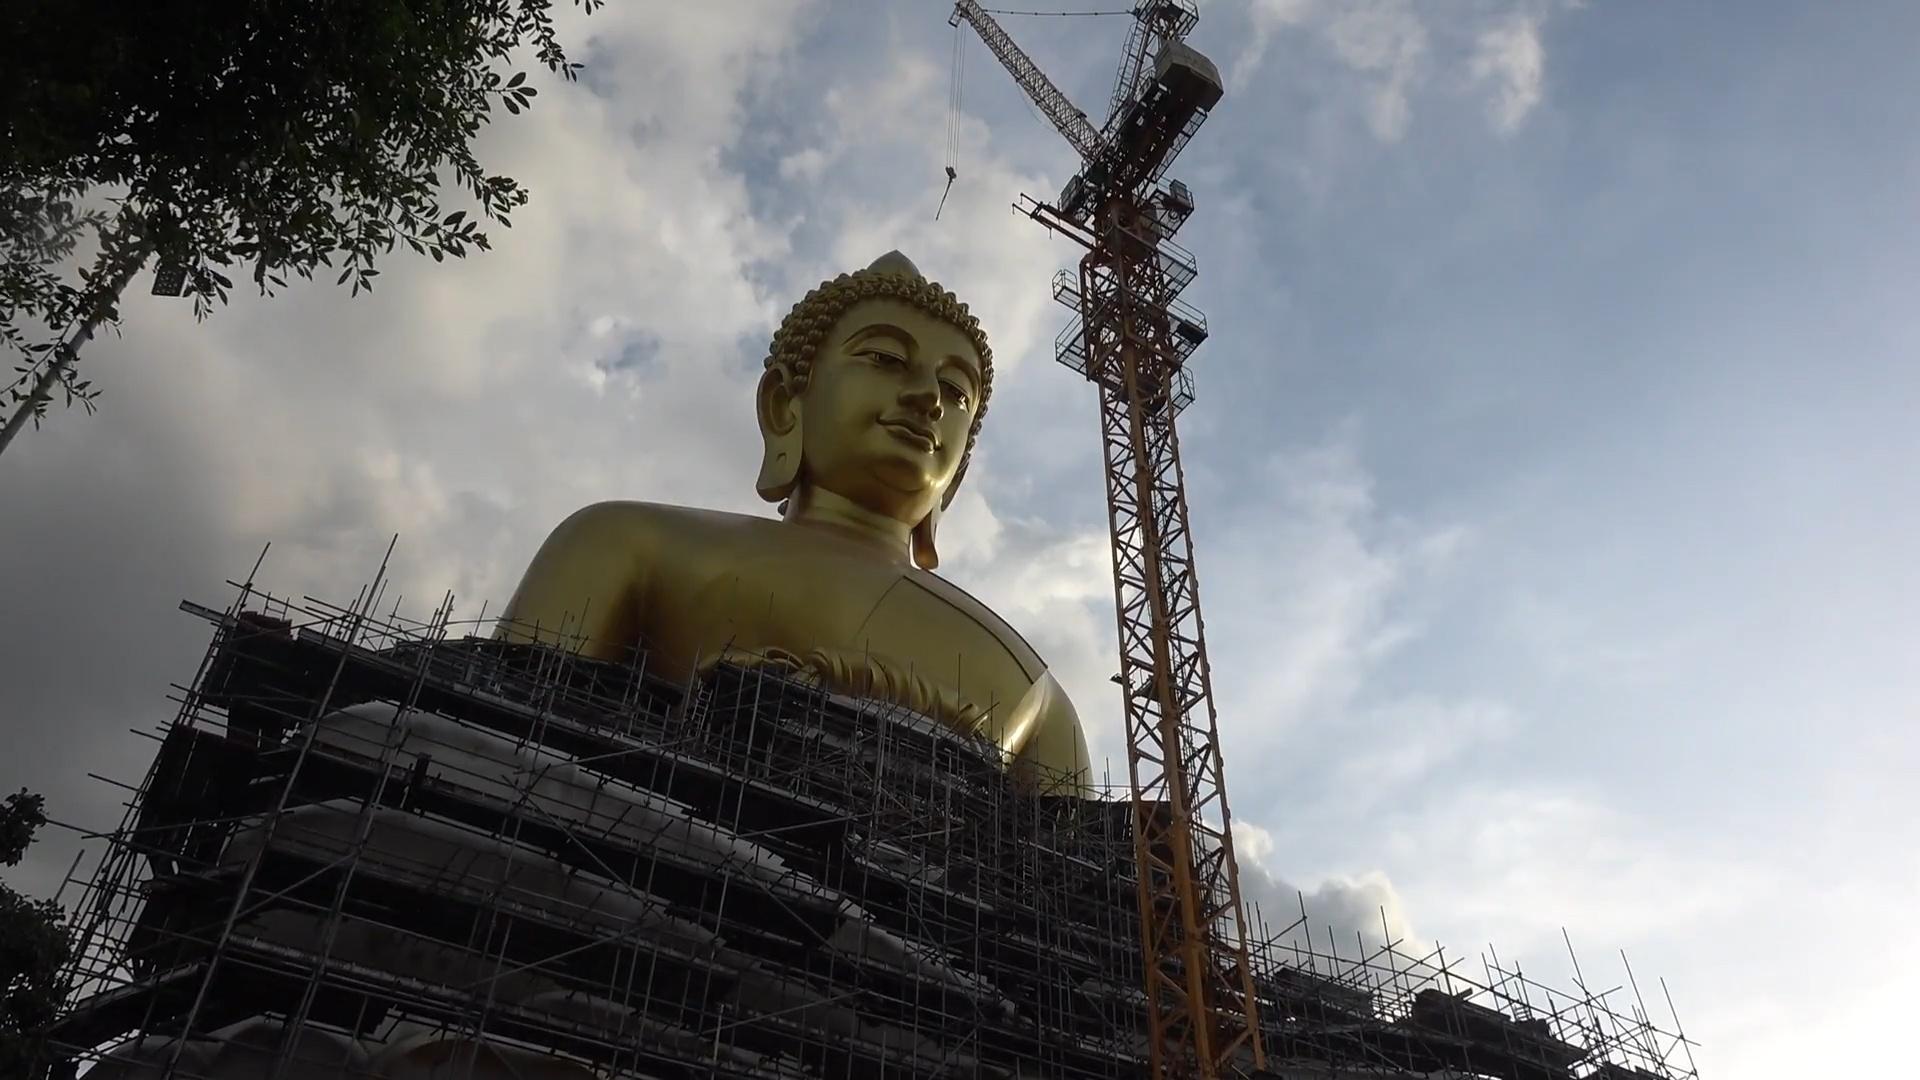 Tượng Phật khổng lồ cao bằng tòa nhà 20 tầng ở Thái Lan